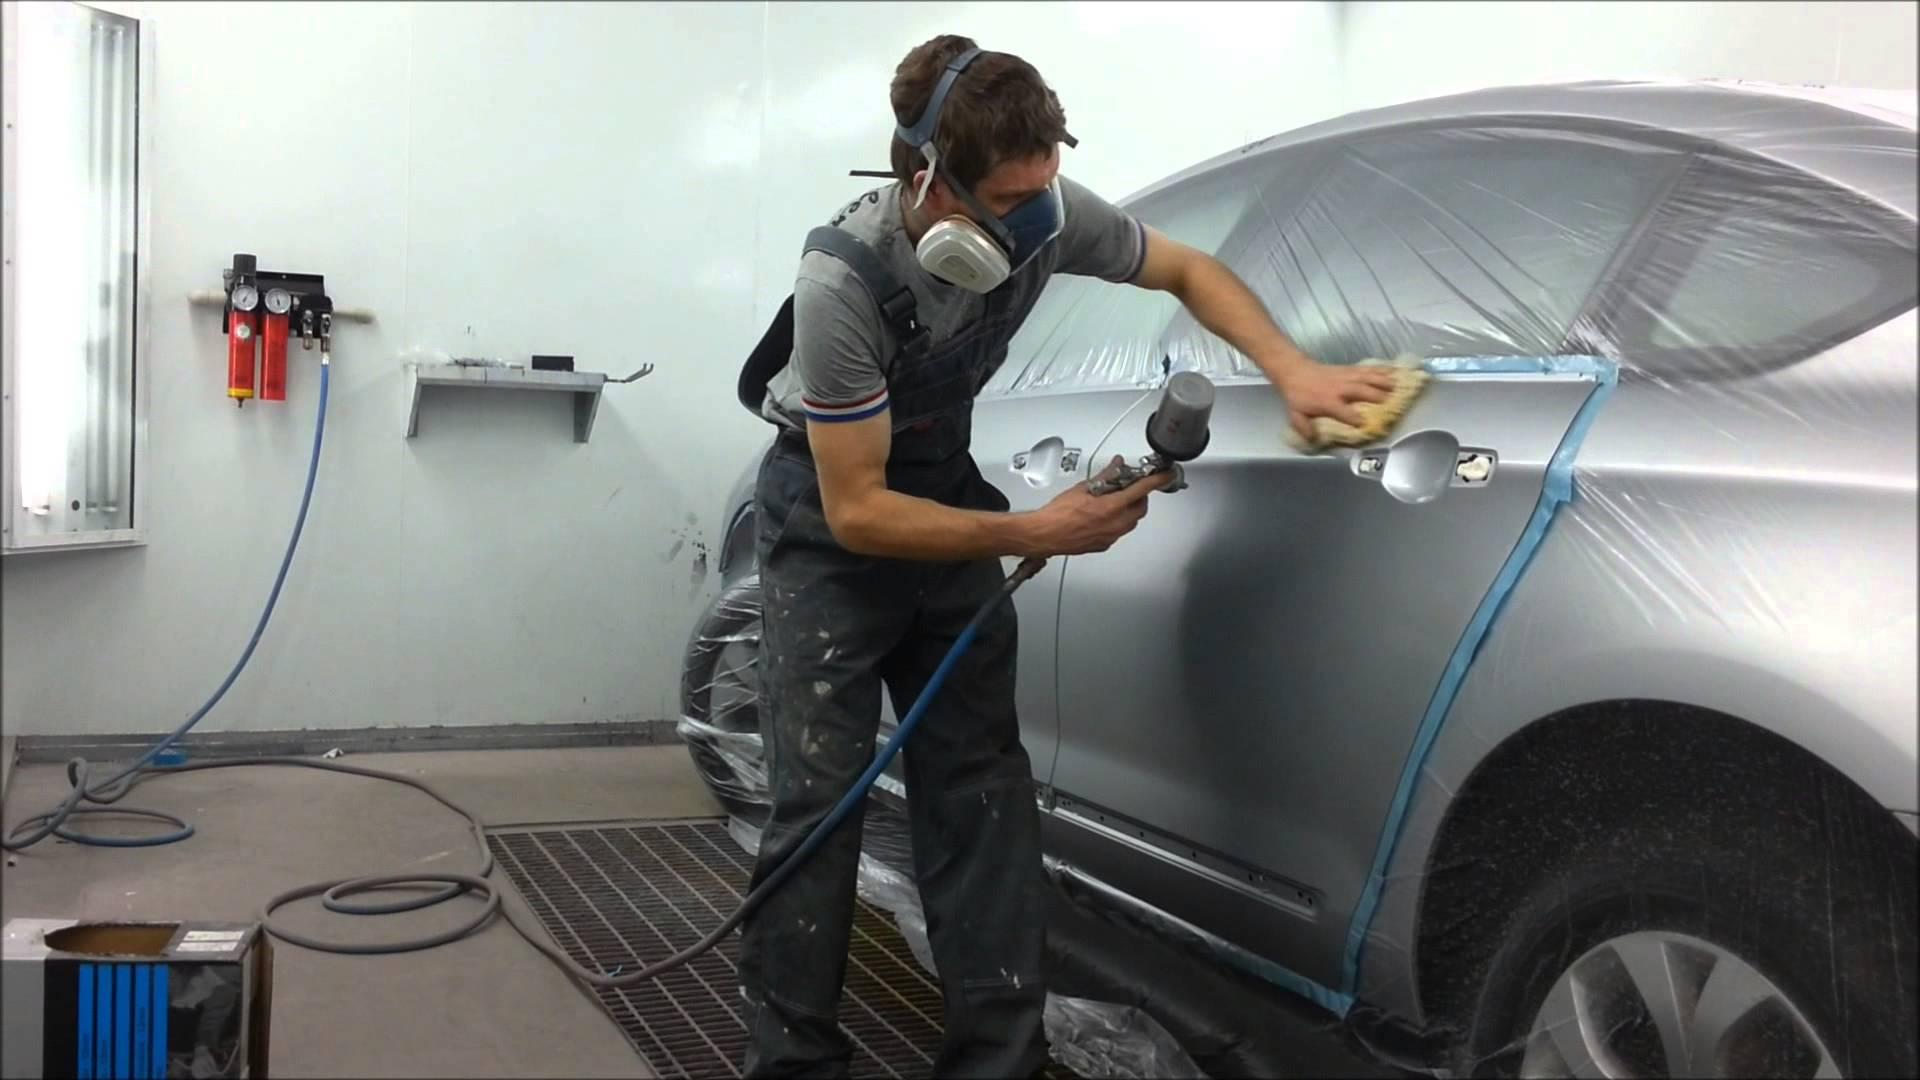 уроки покраски машины в домашних условиях в гараже оформляя кредит